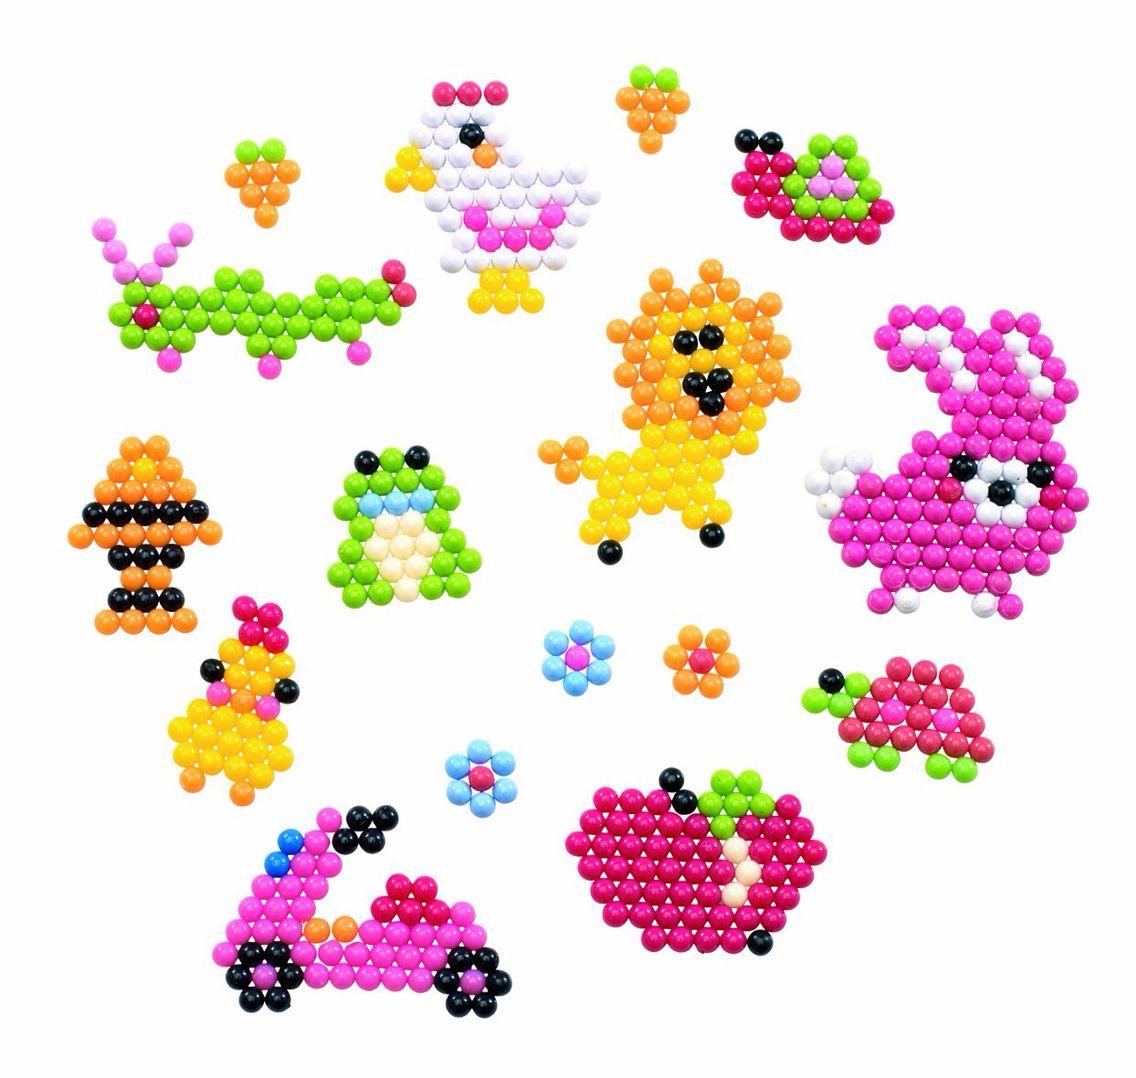 Beados and Aquabeads | crafts | Perler beads, Hama beads